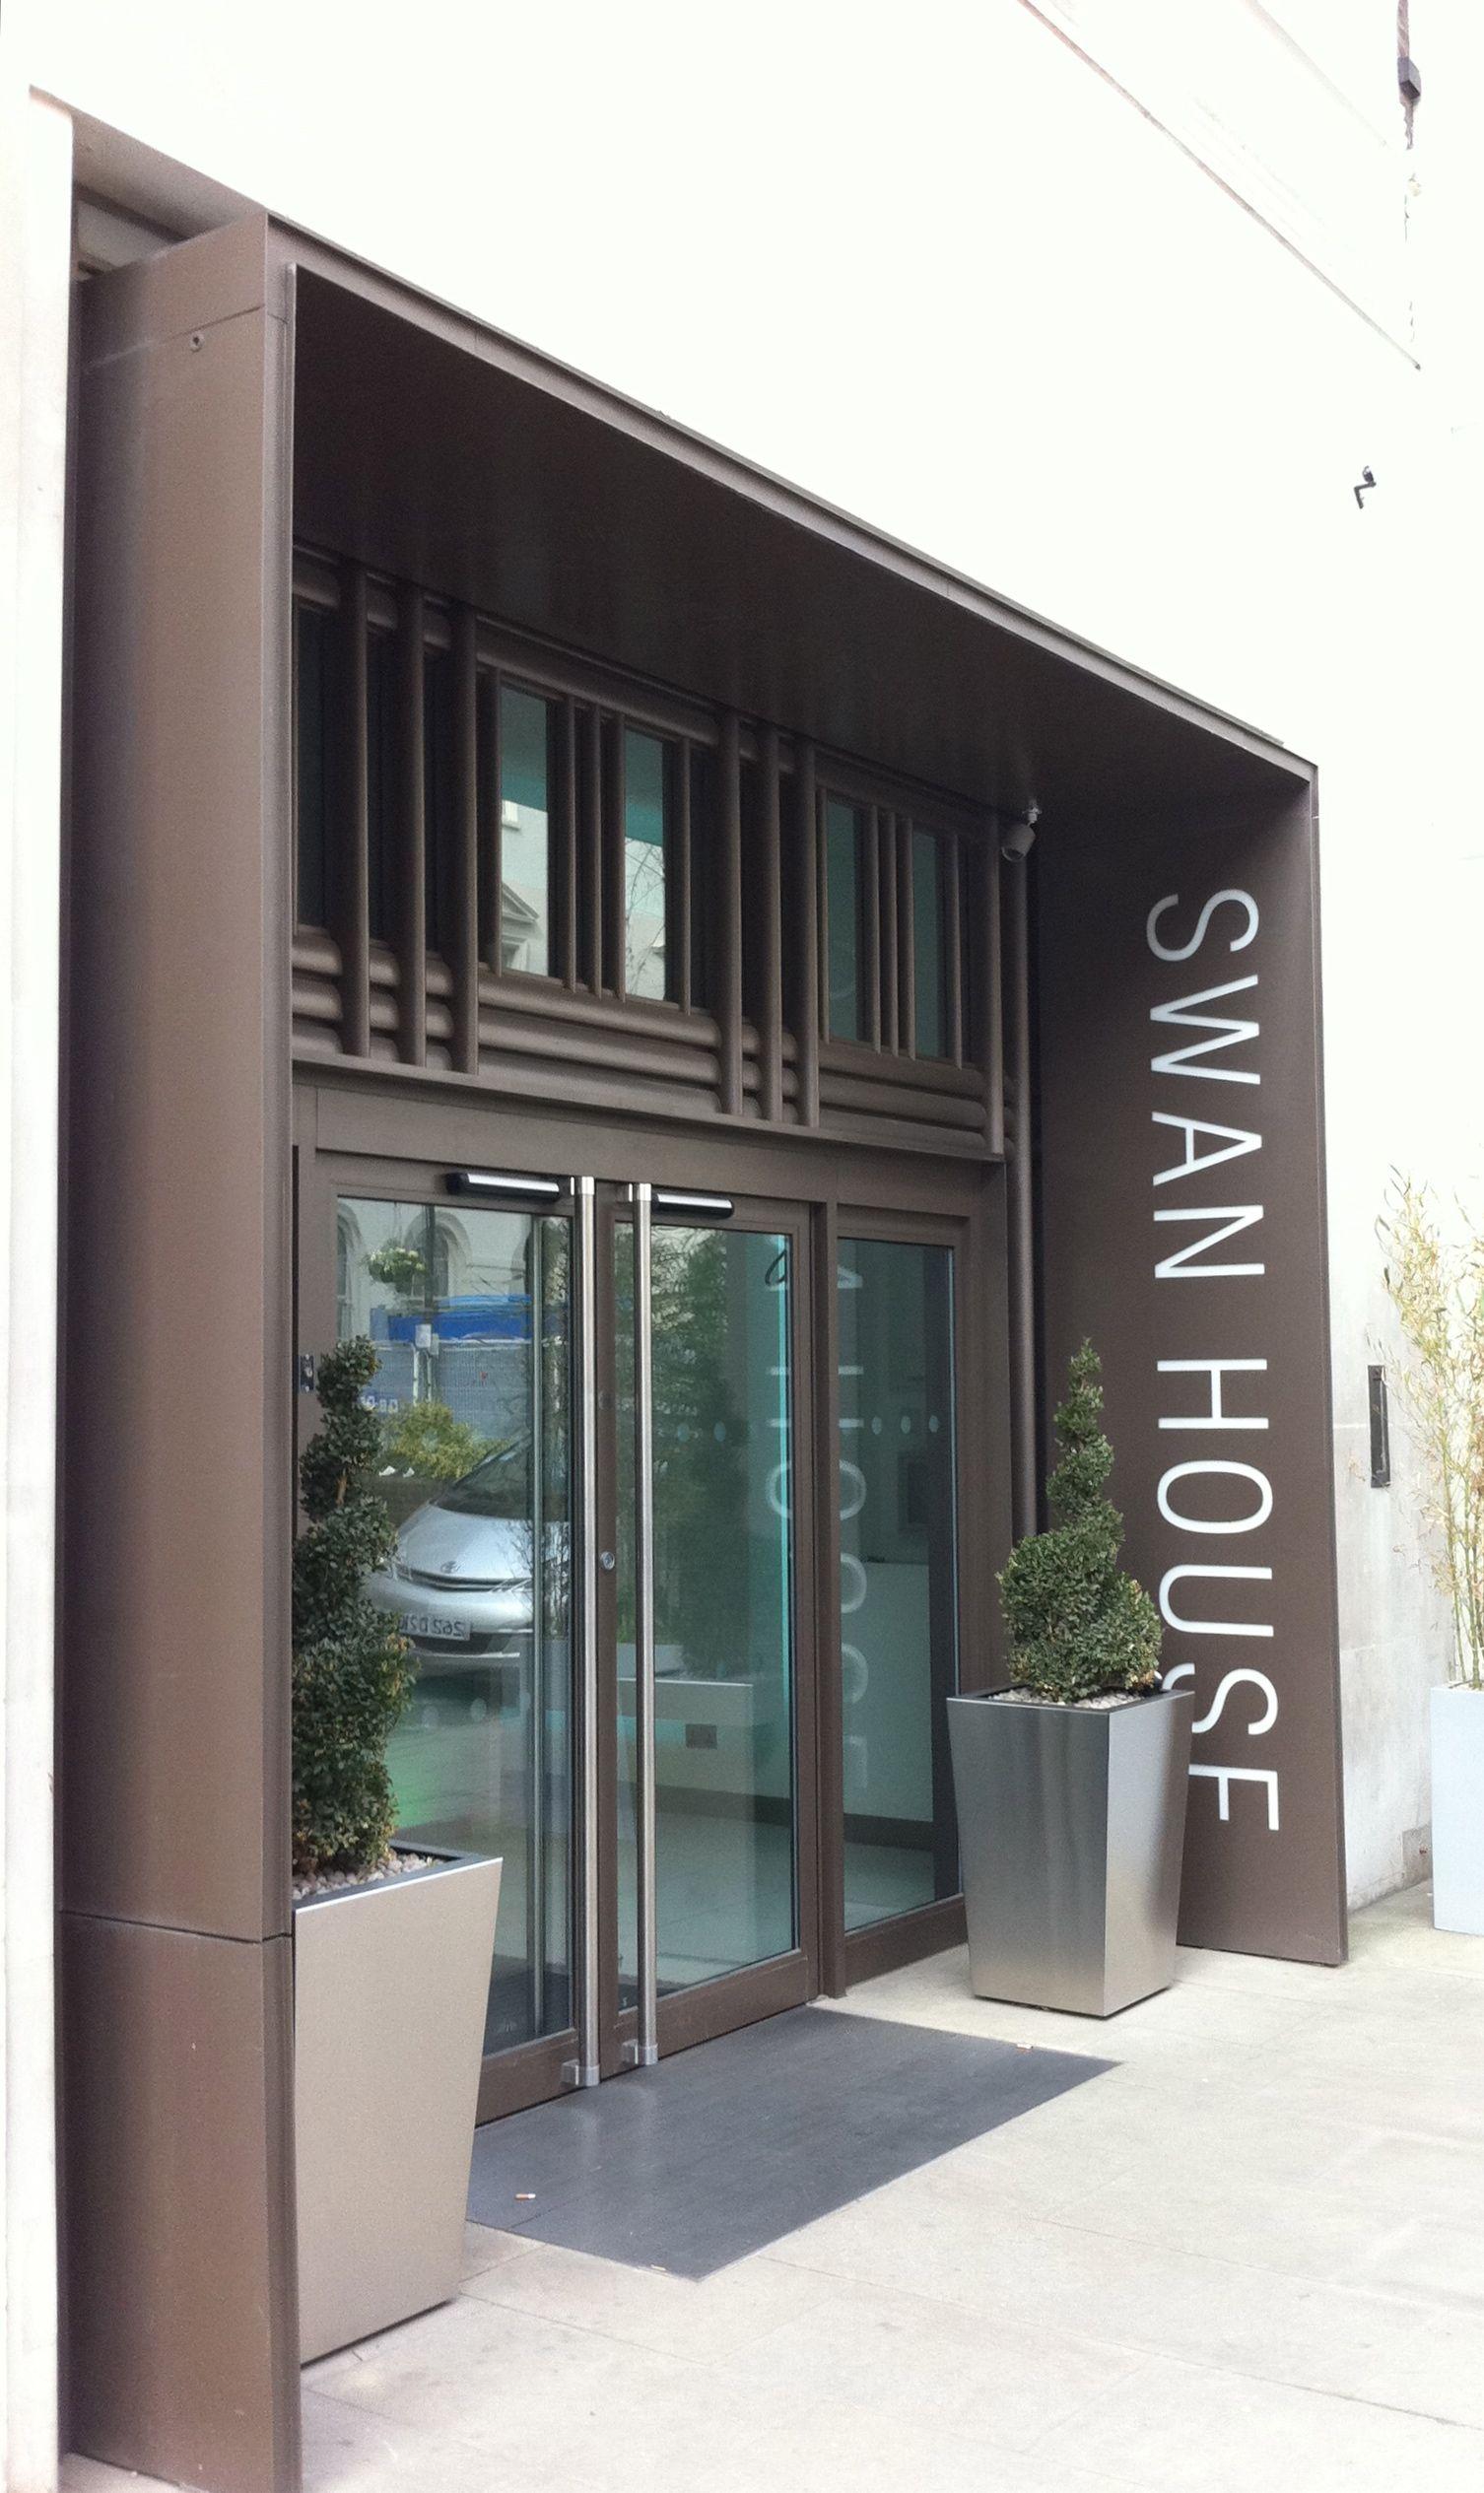 Shopfront in London.